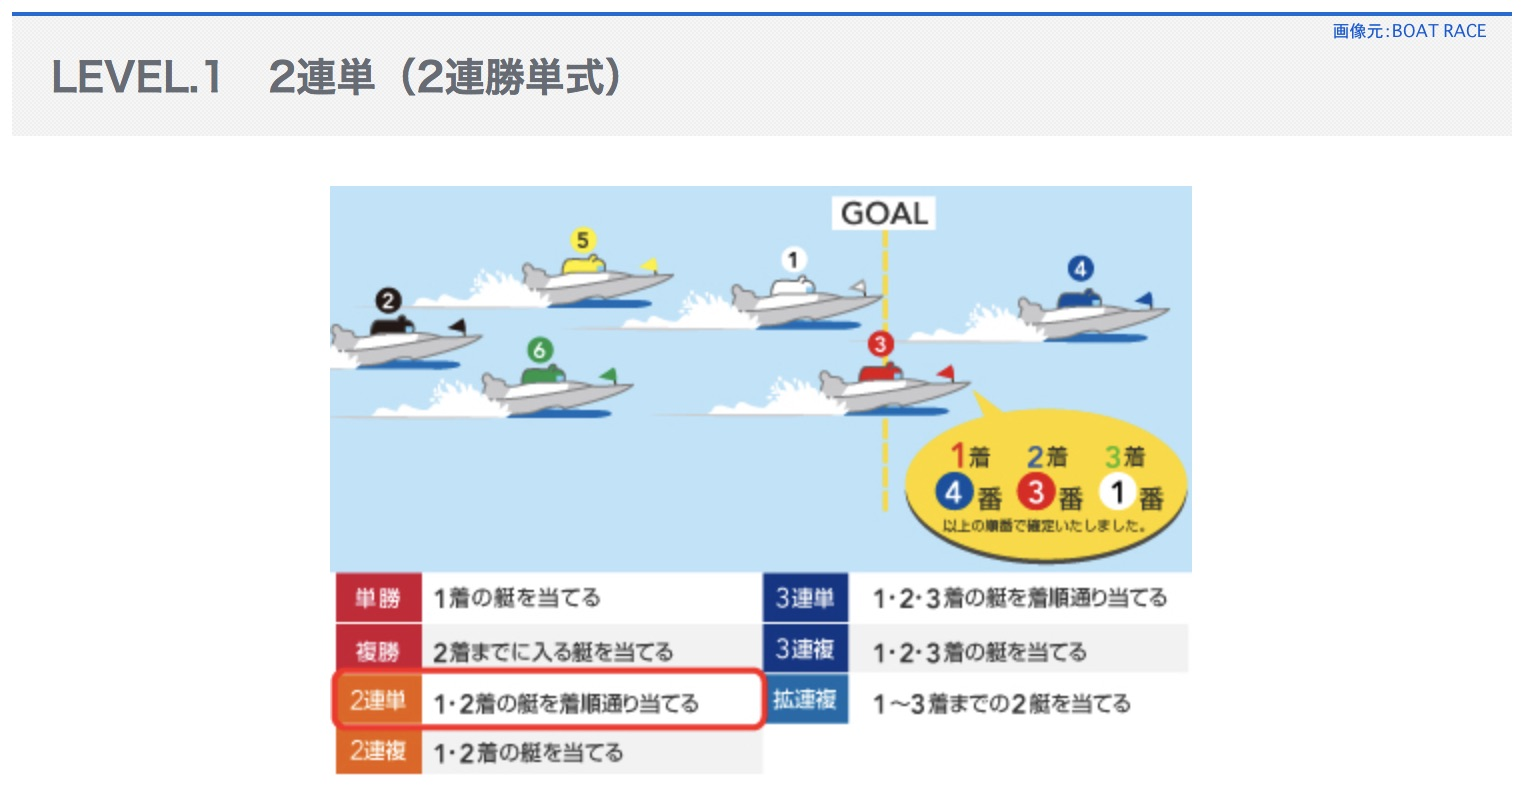 2連単という競艇ボートレースの舟券の式別とは